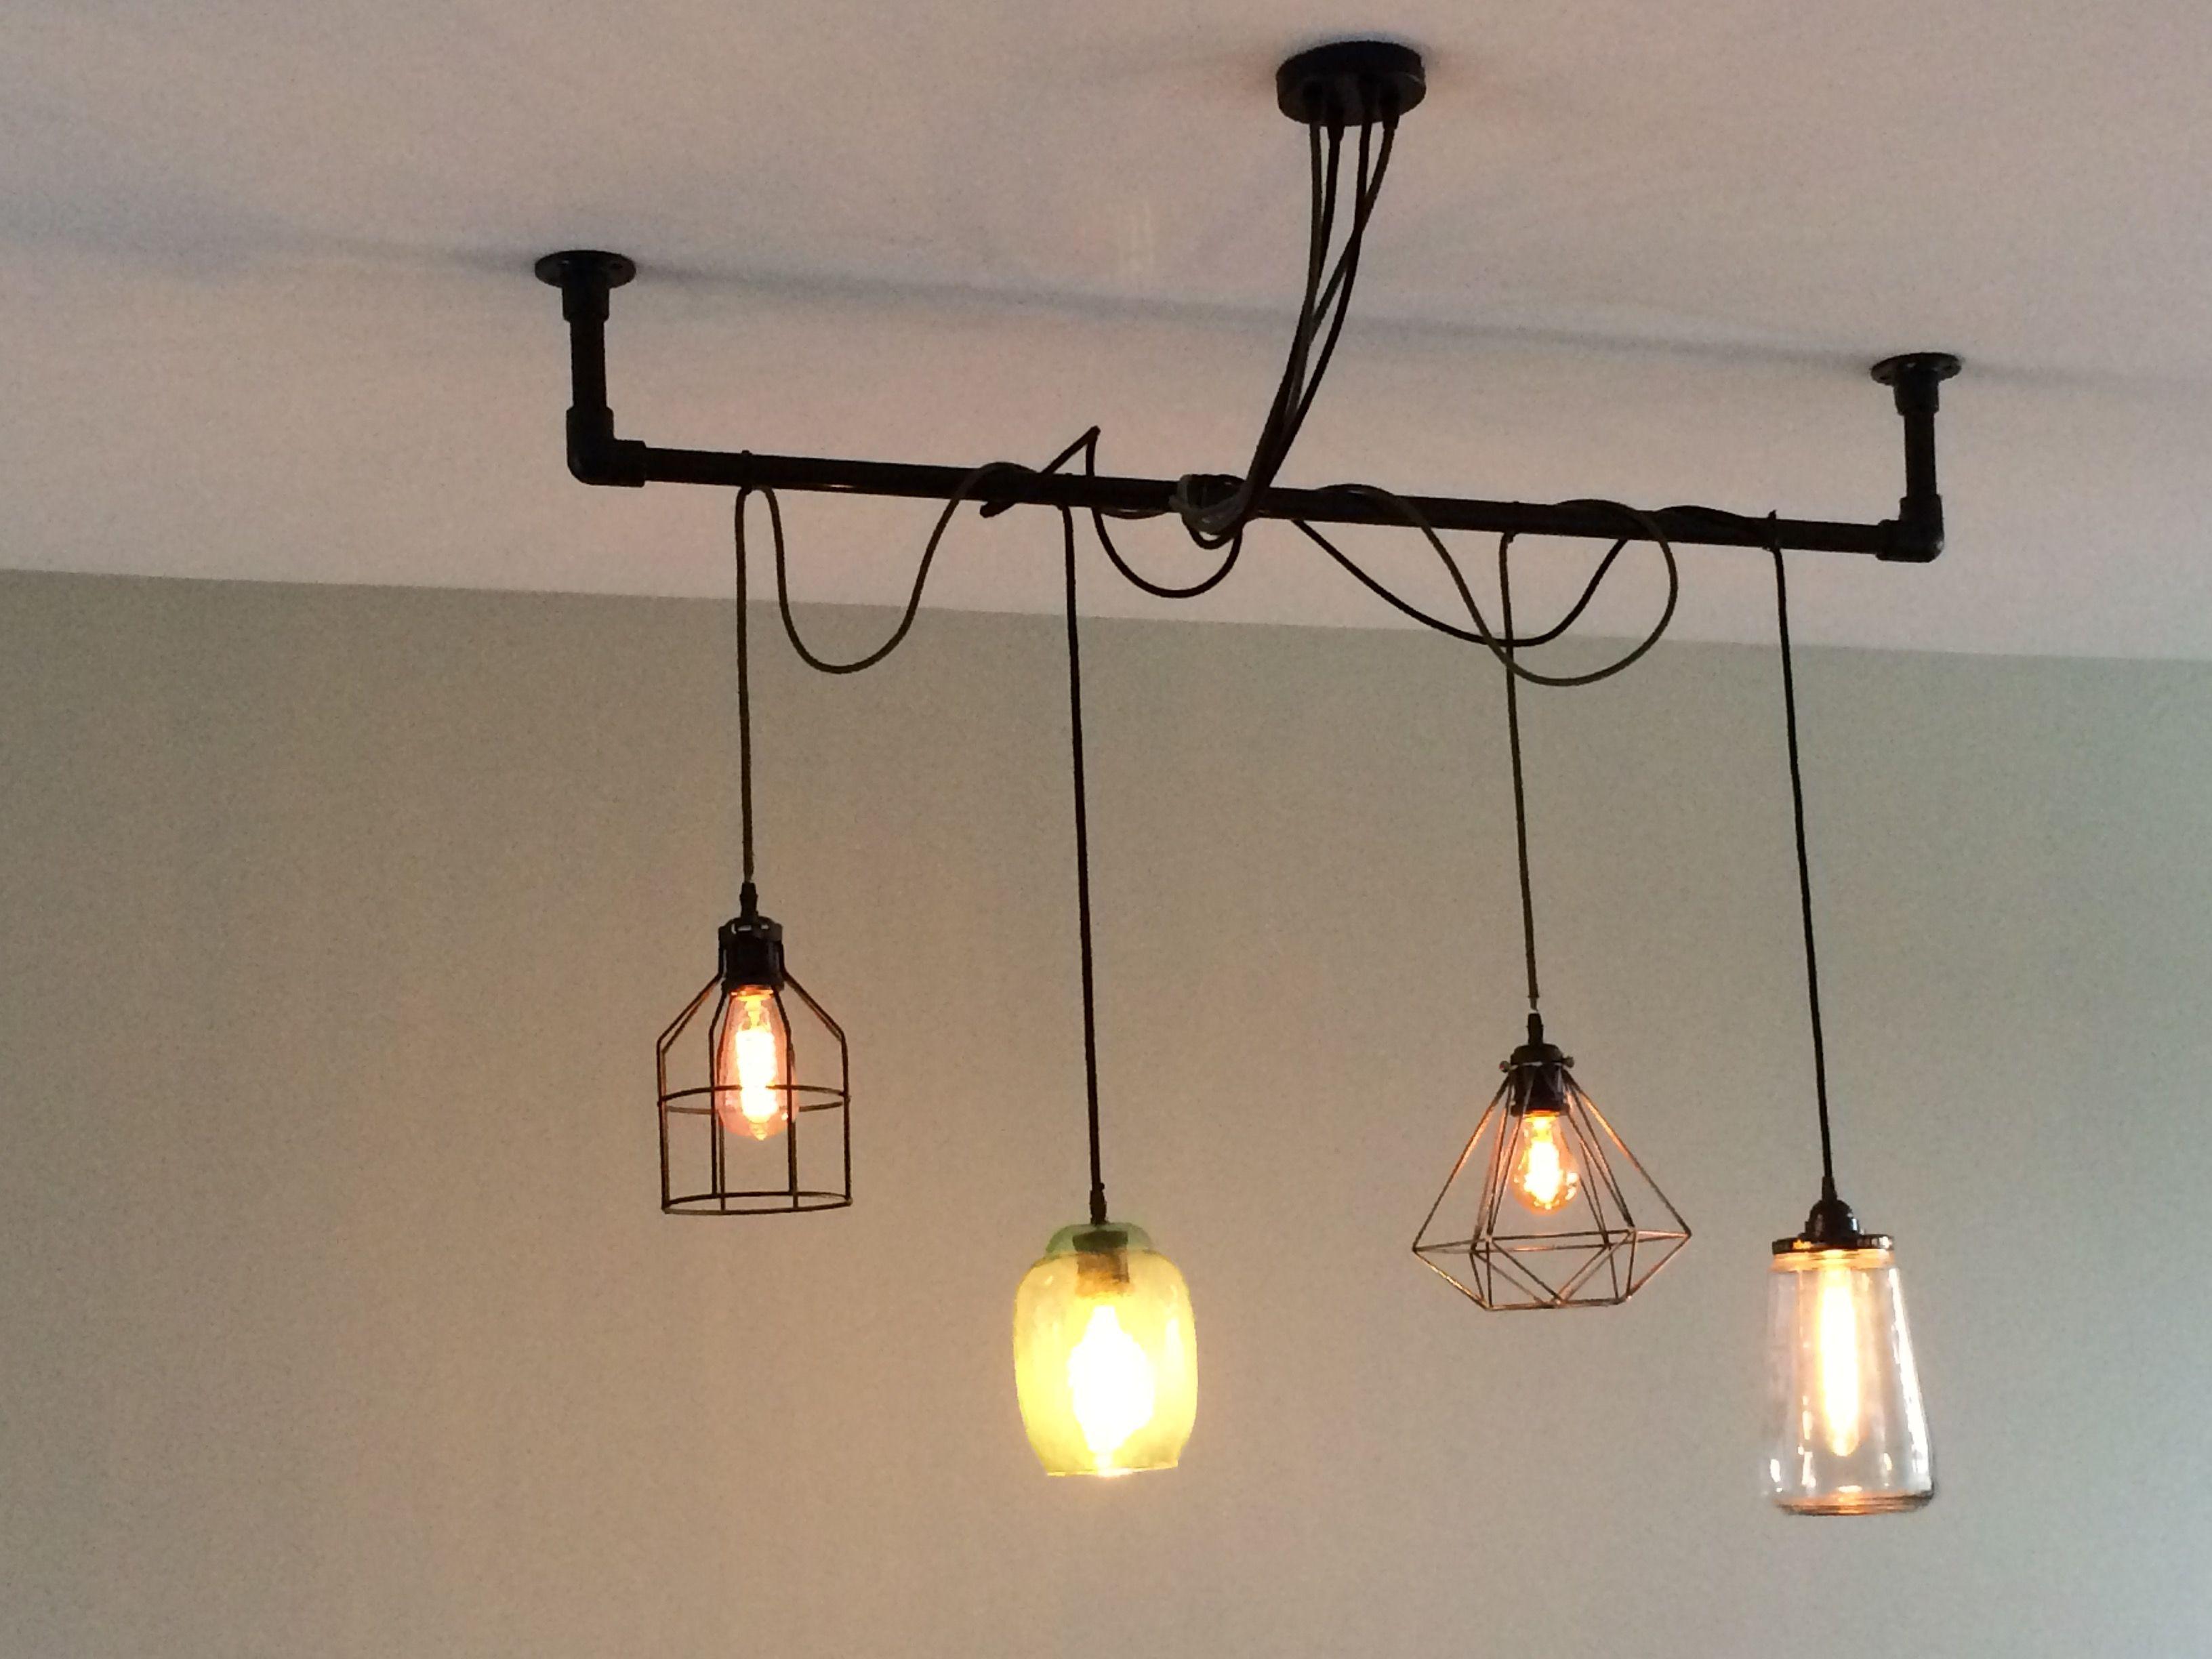 Zwarte steigerbuizen lamp ophanging tuin tuinhuis verlichting pinterest lampen - Decoratie hoofdslaapkamer ...